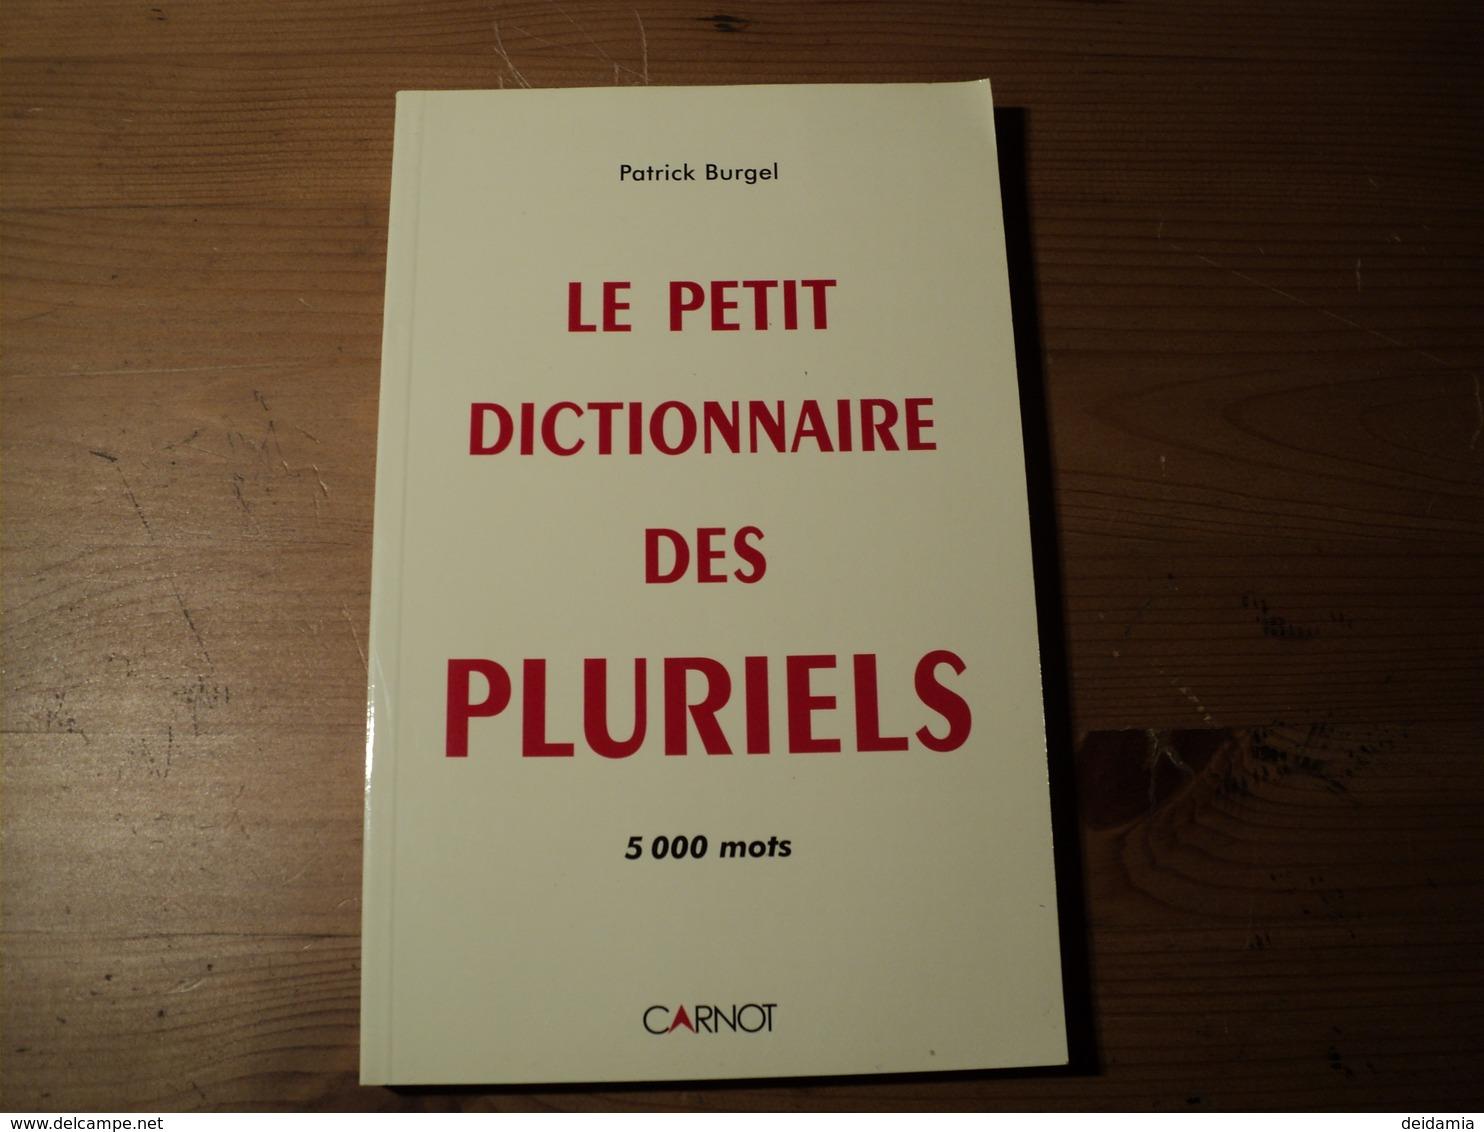 LE PETIT DICTIONNAIRE DES PLURIELS. 2005. PATRICK BURGEL. DEDICACE DE L AUTEUR 5000 MOTS. CARNOT. - Culture